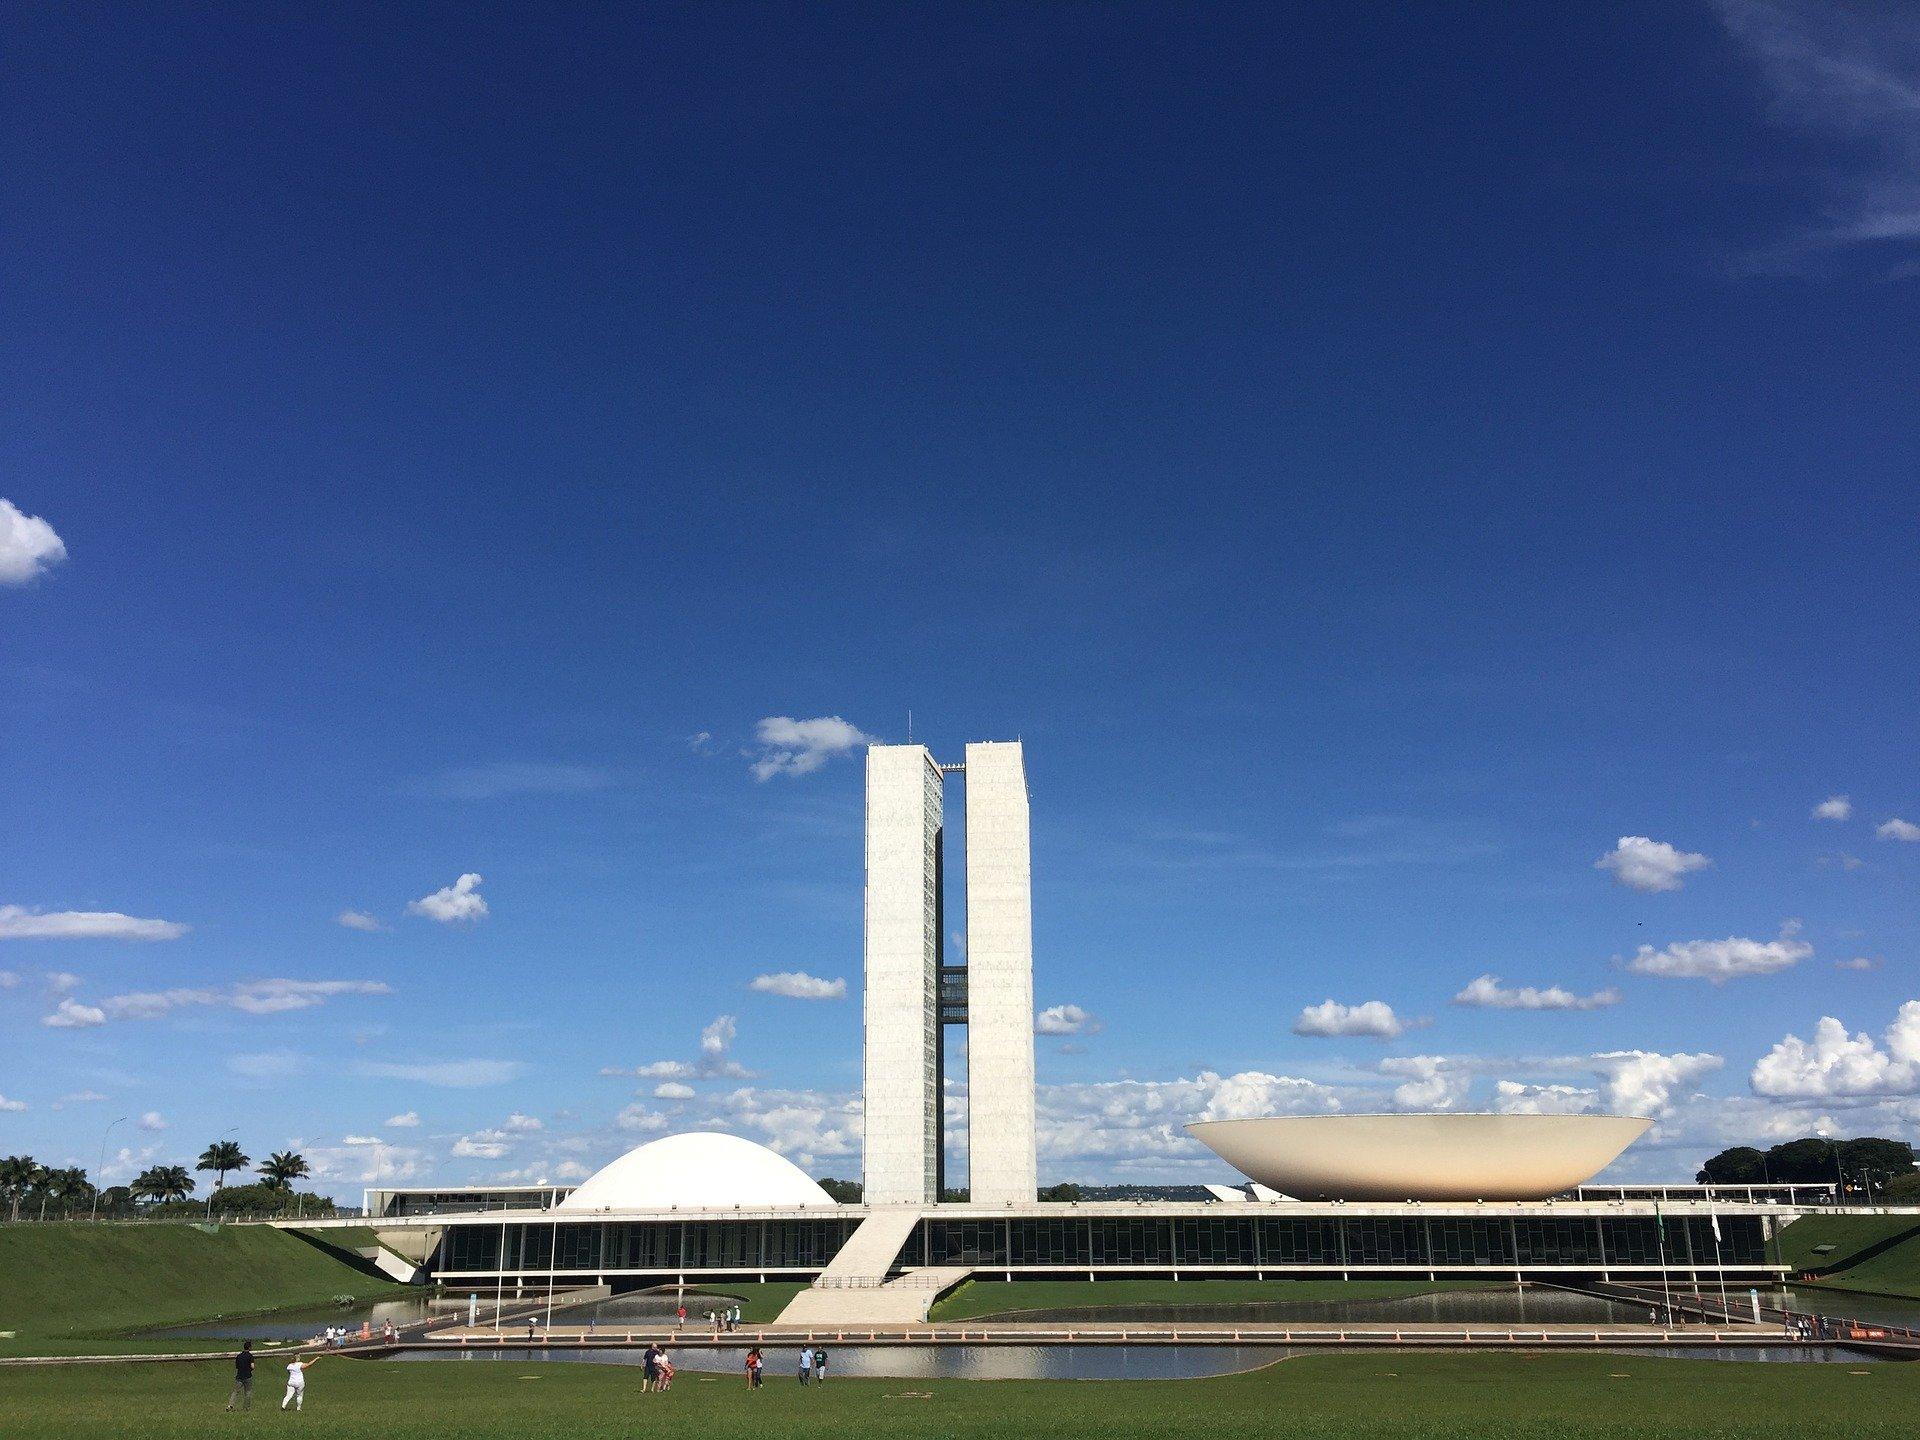 onde pilotar drones em Brasilia